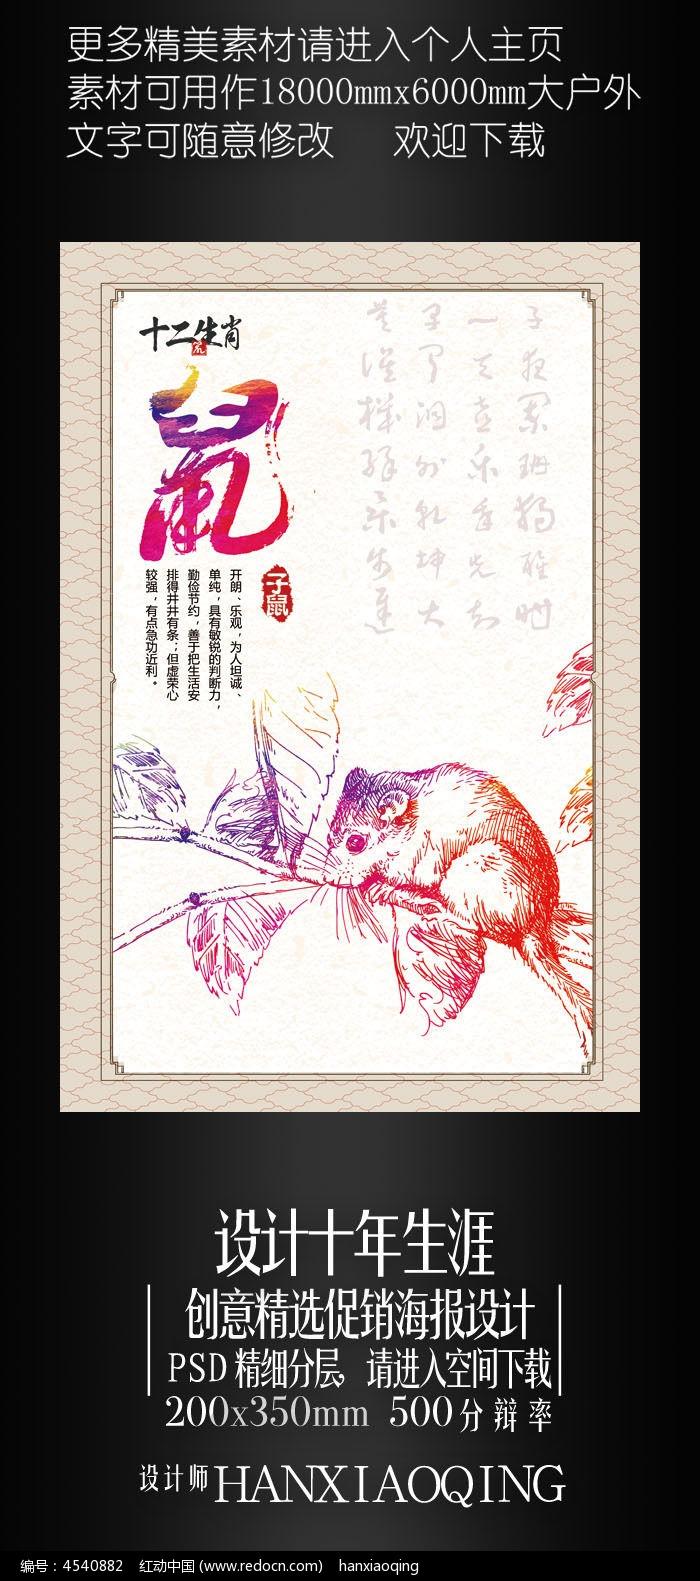 原创设计稿 海报设计/宣传单/广告牌 艺术海报 手绘十二生肖之鼠海报